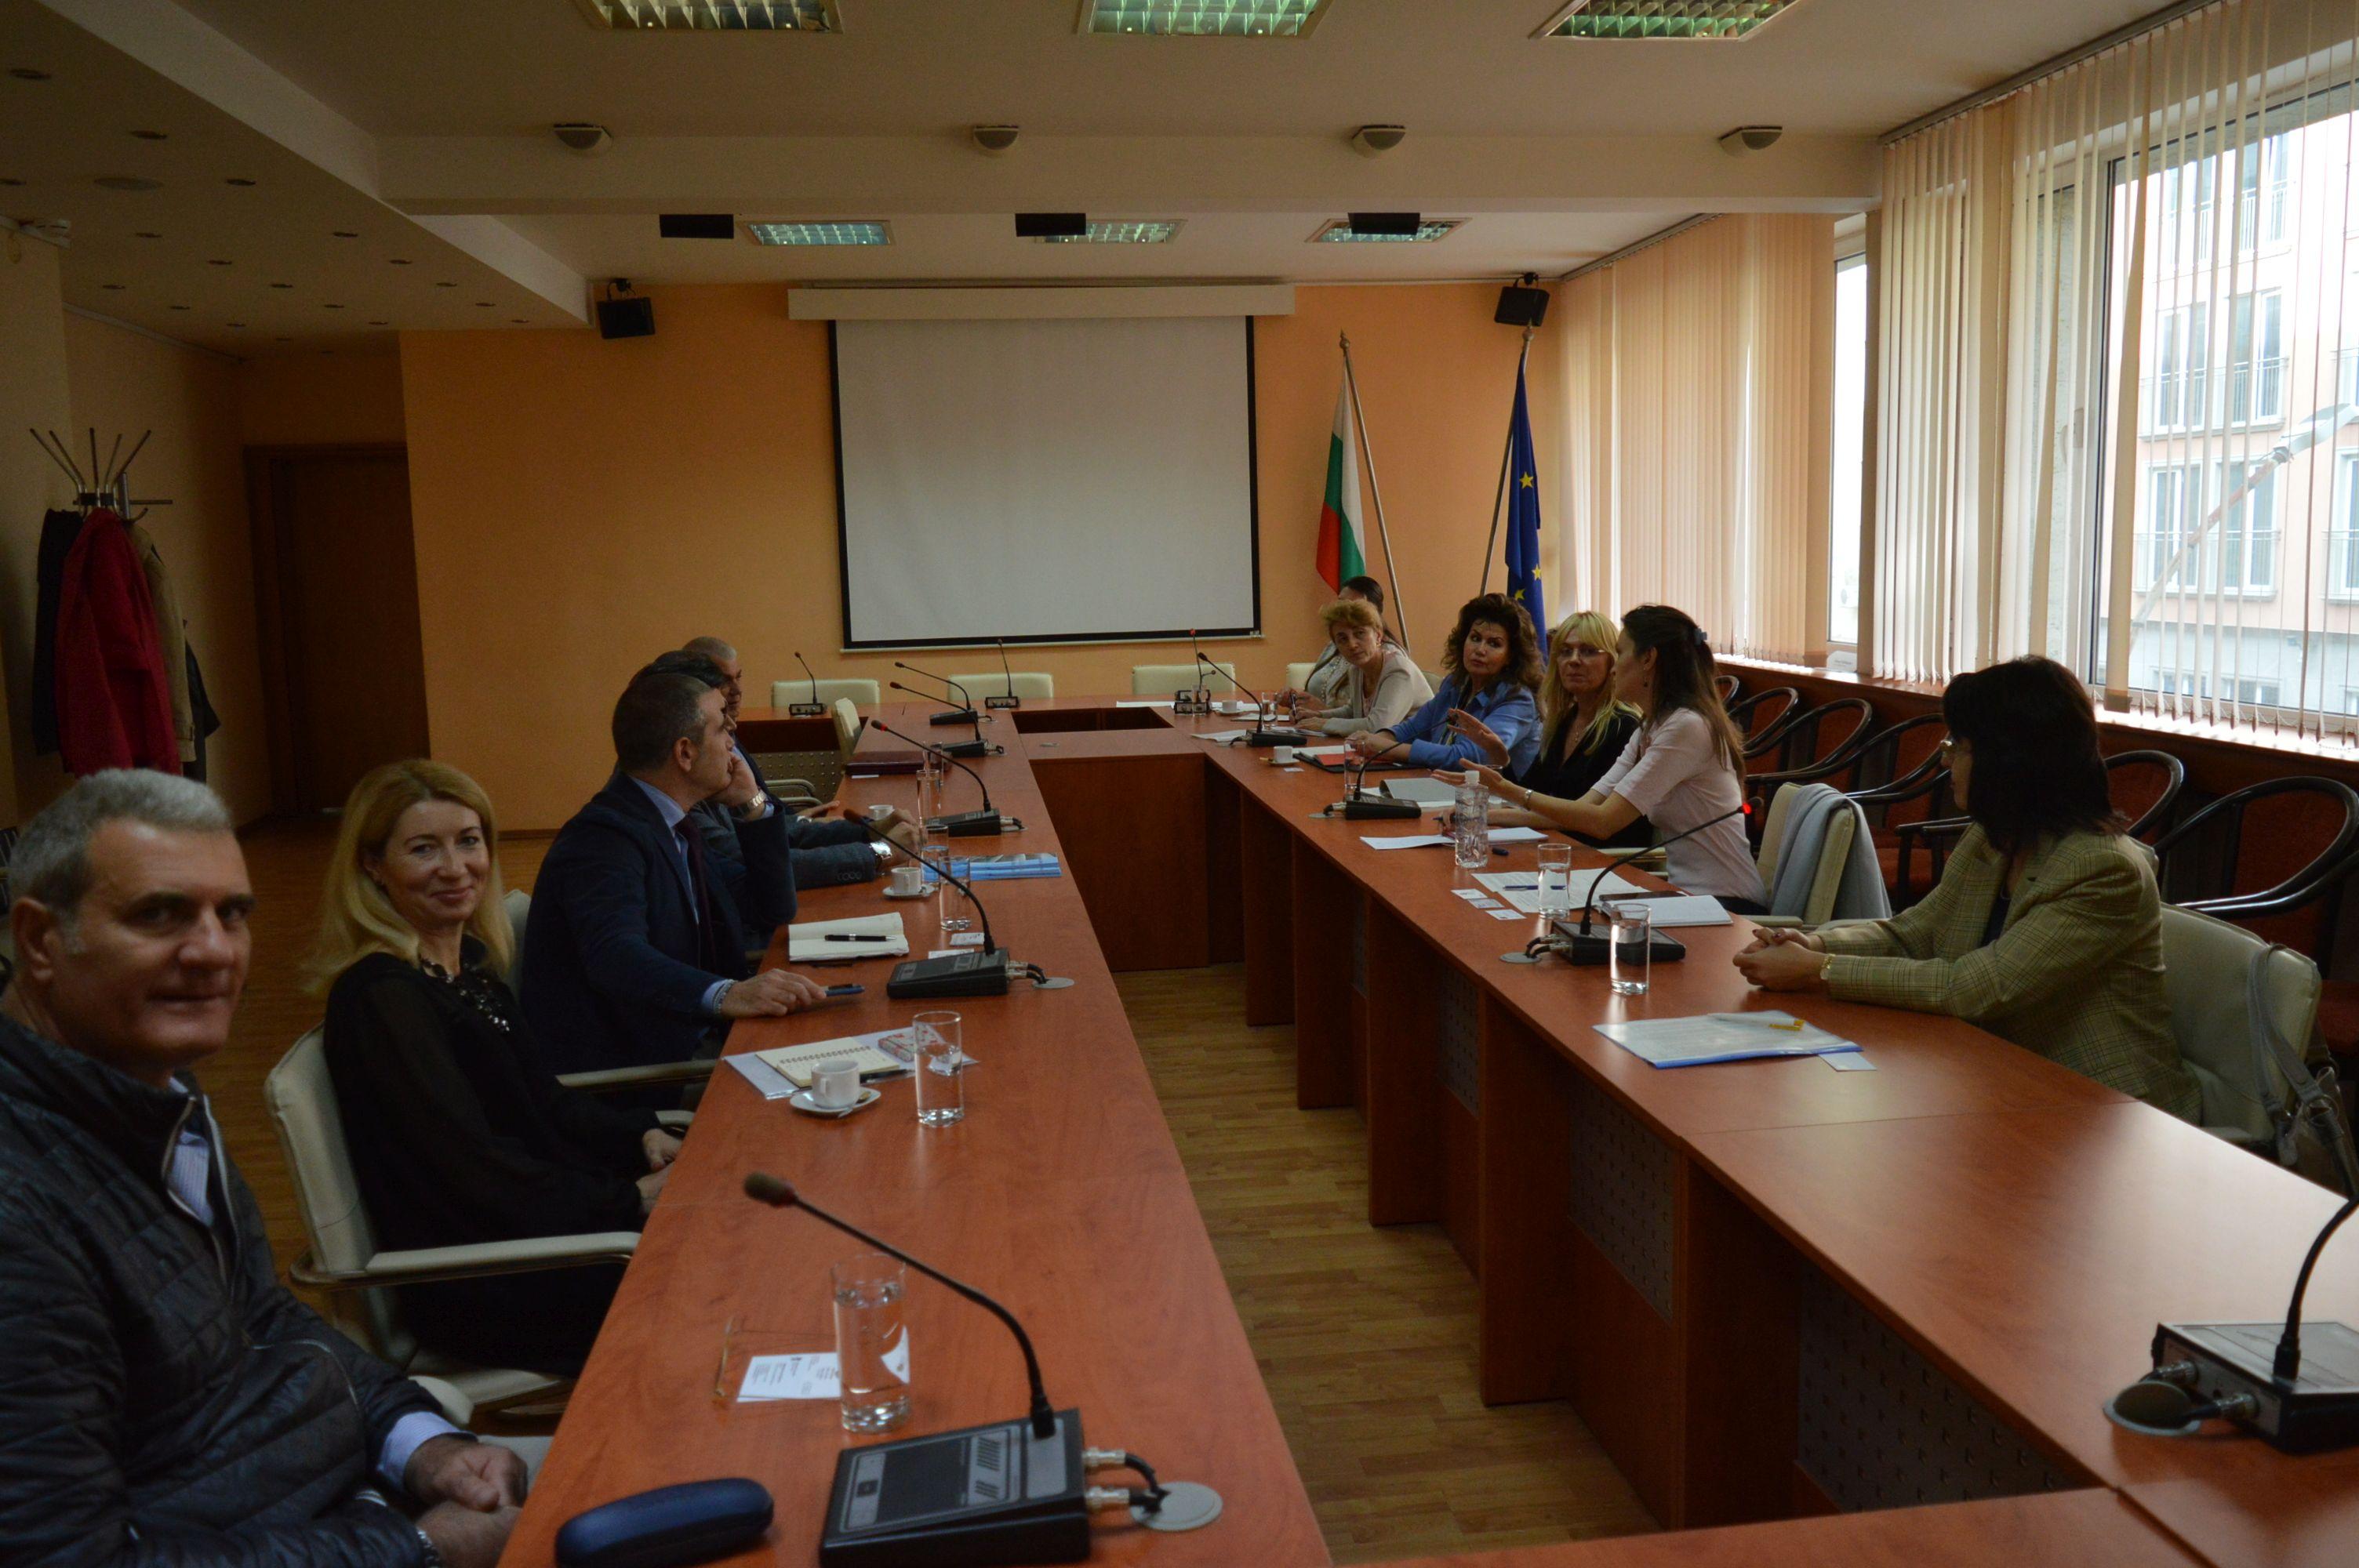 Италиански компании търсят нов пазар и партньорства в България